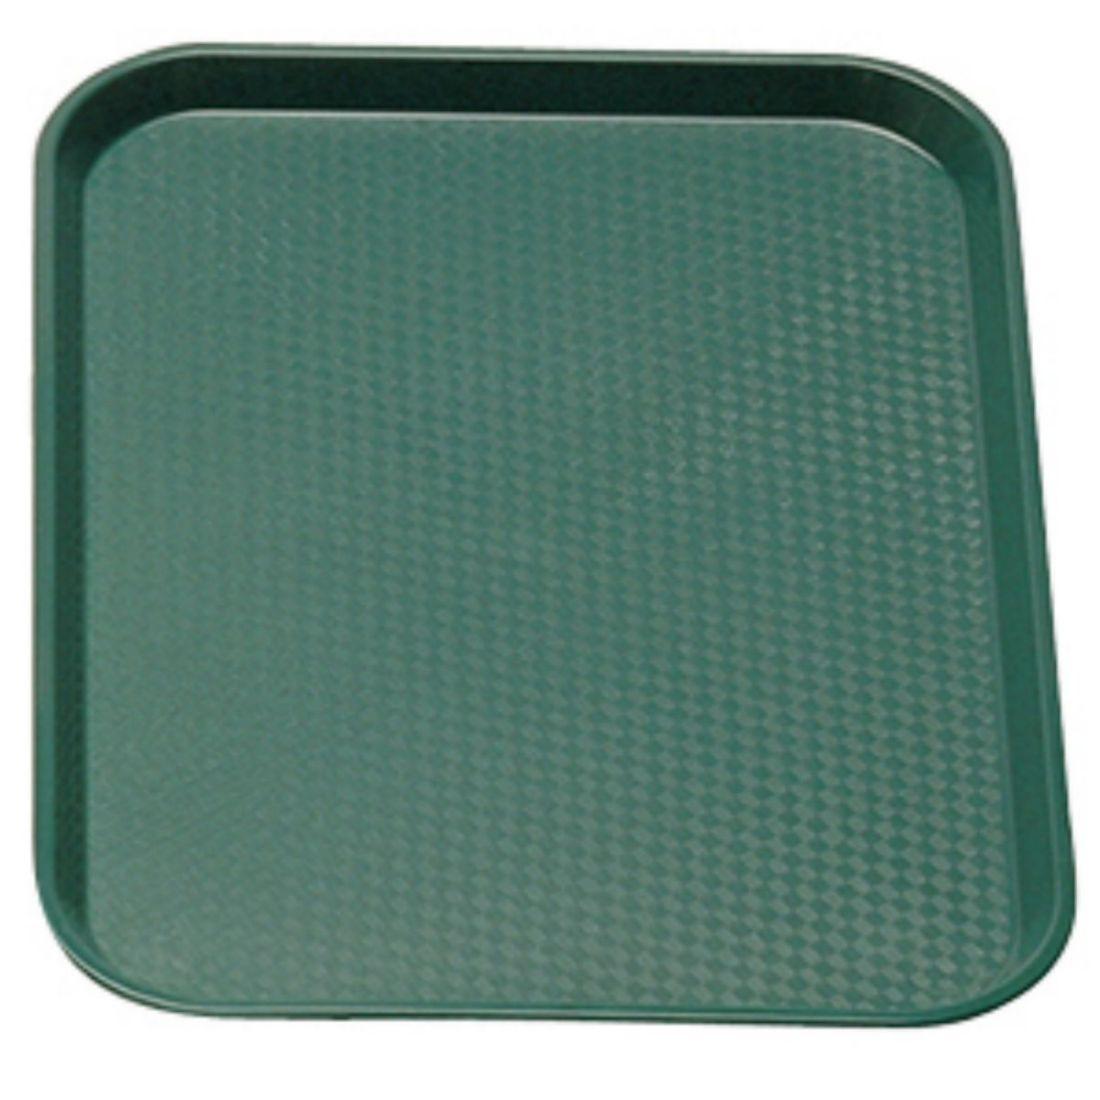 Podnos Fast Food - zelený 300 x 410 mm